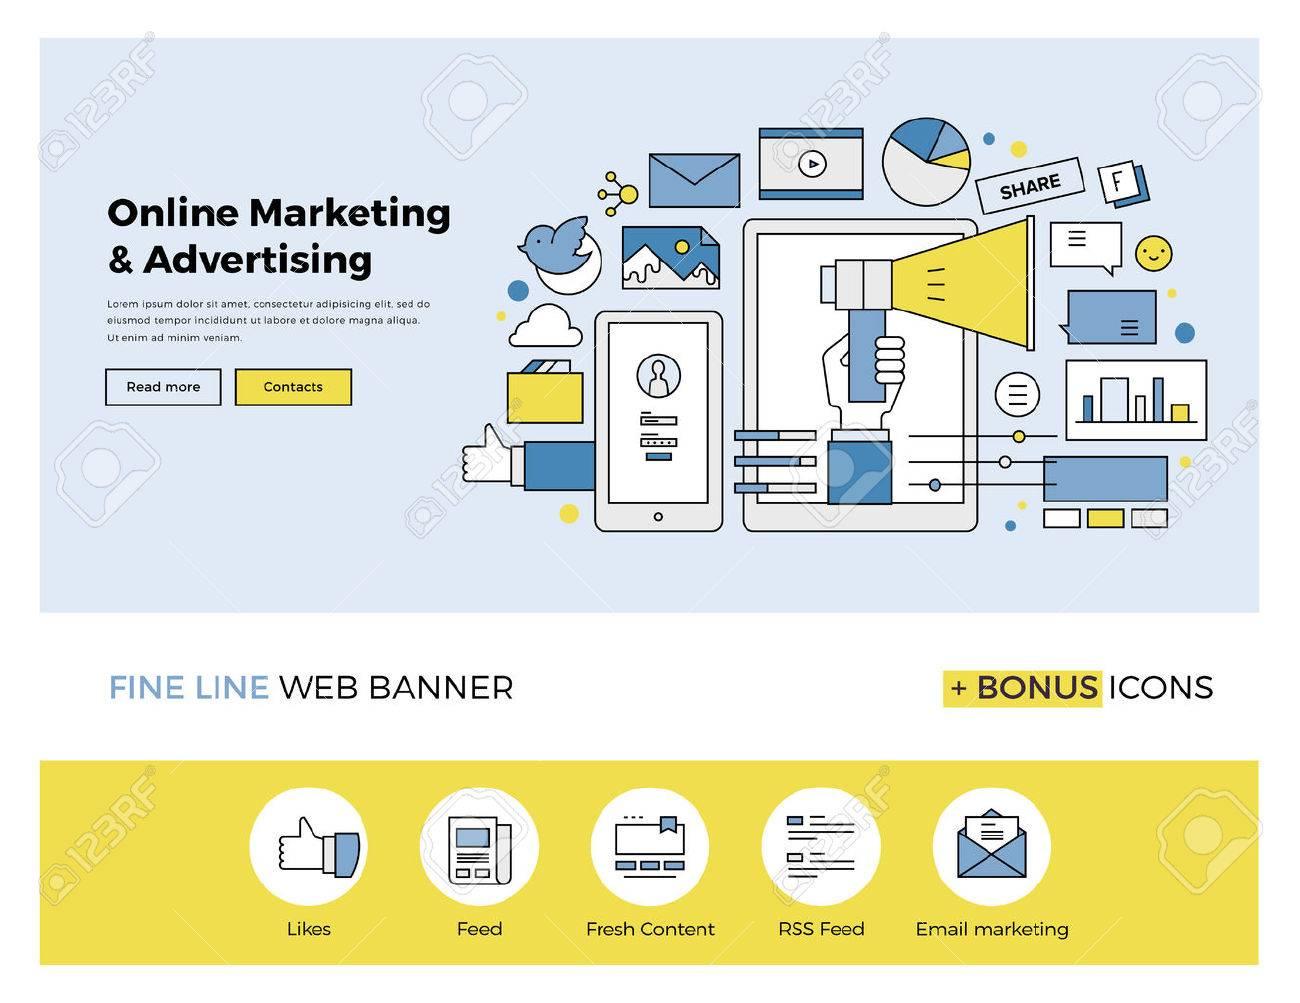 Flache Linie Gestaltung Von Web-Banner-Vorlage Mit Outline Symbole ...